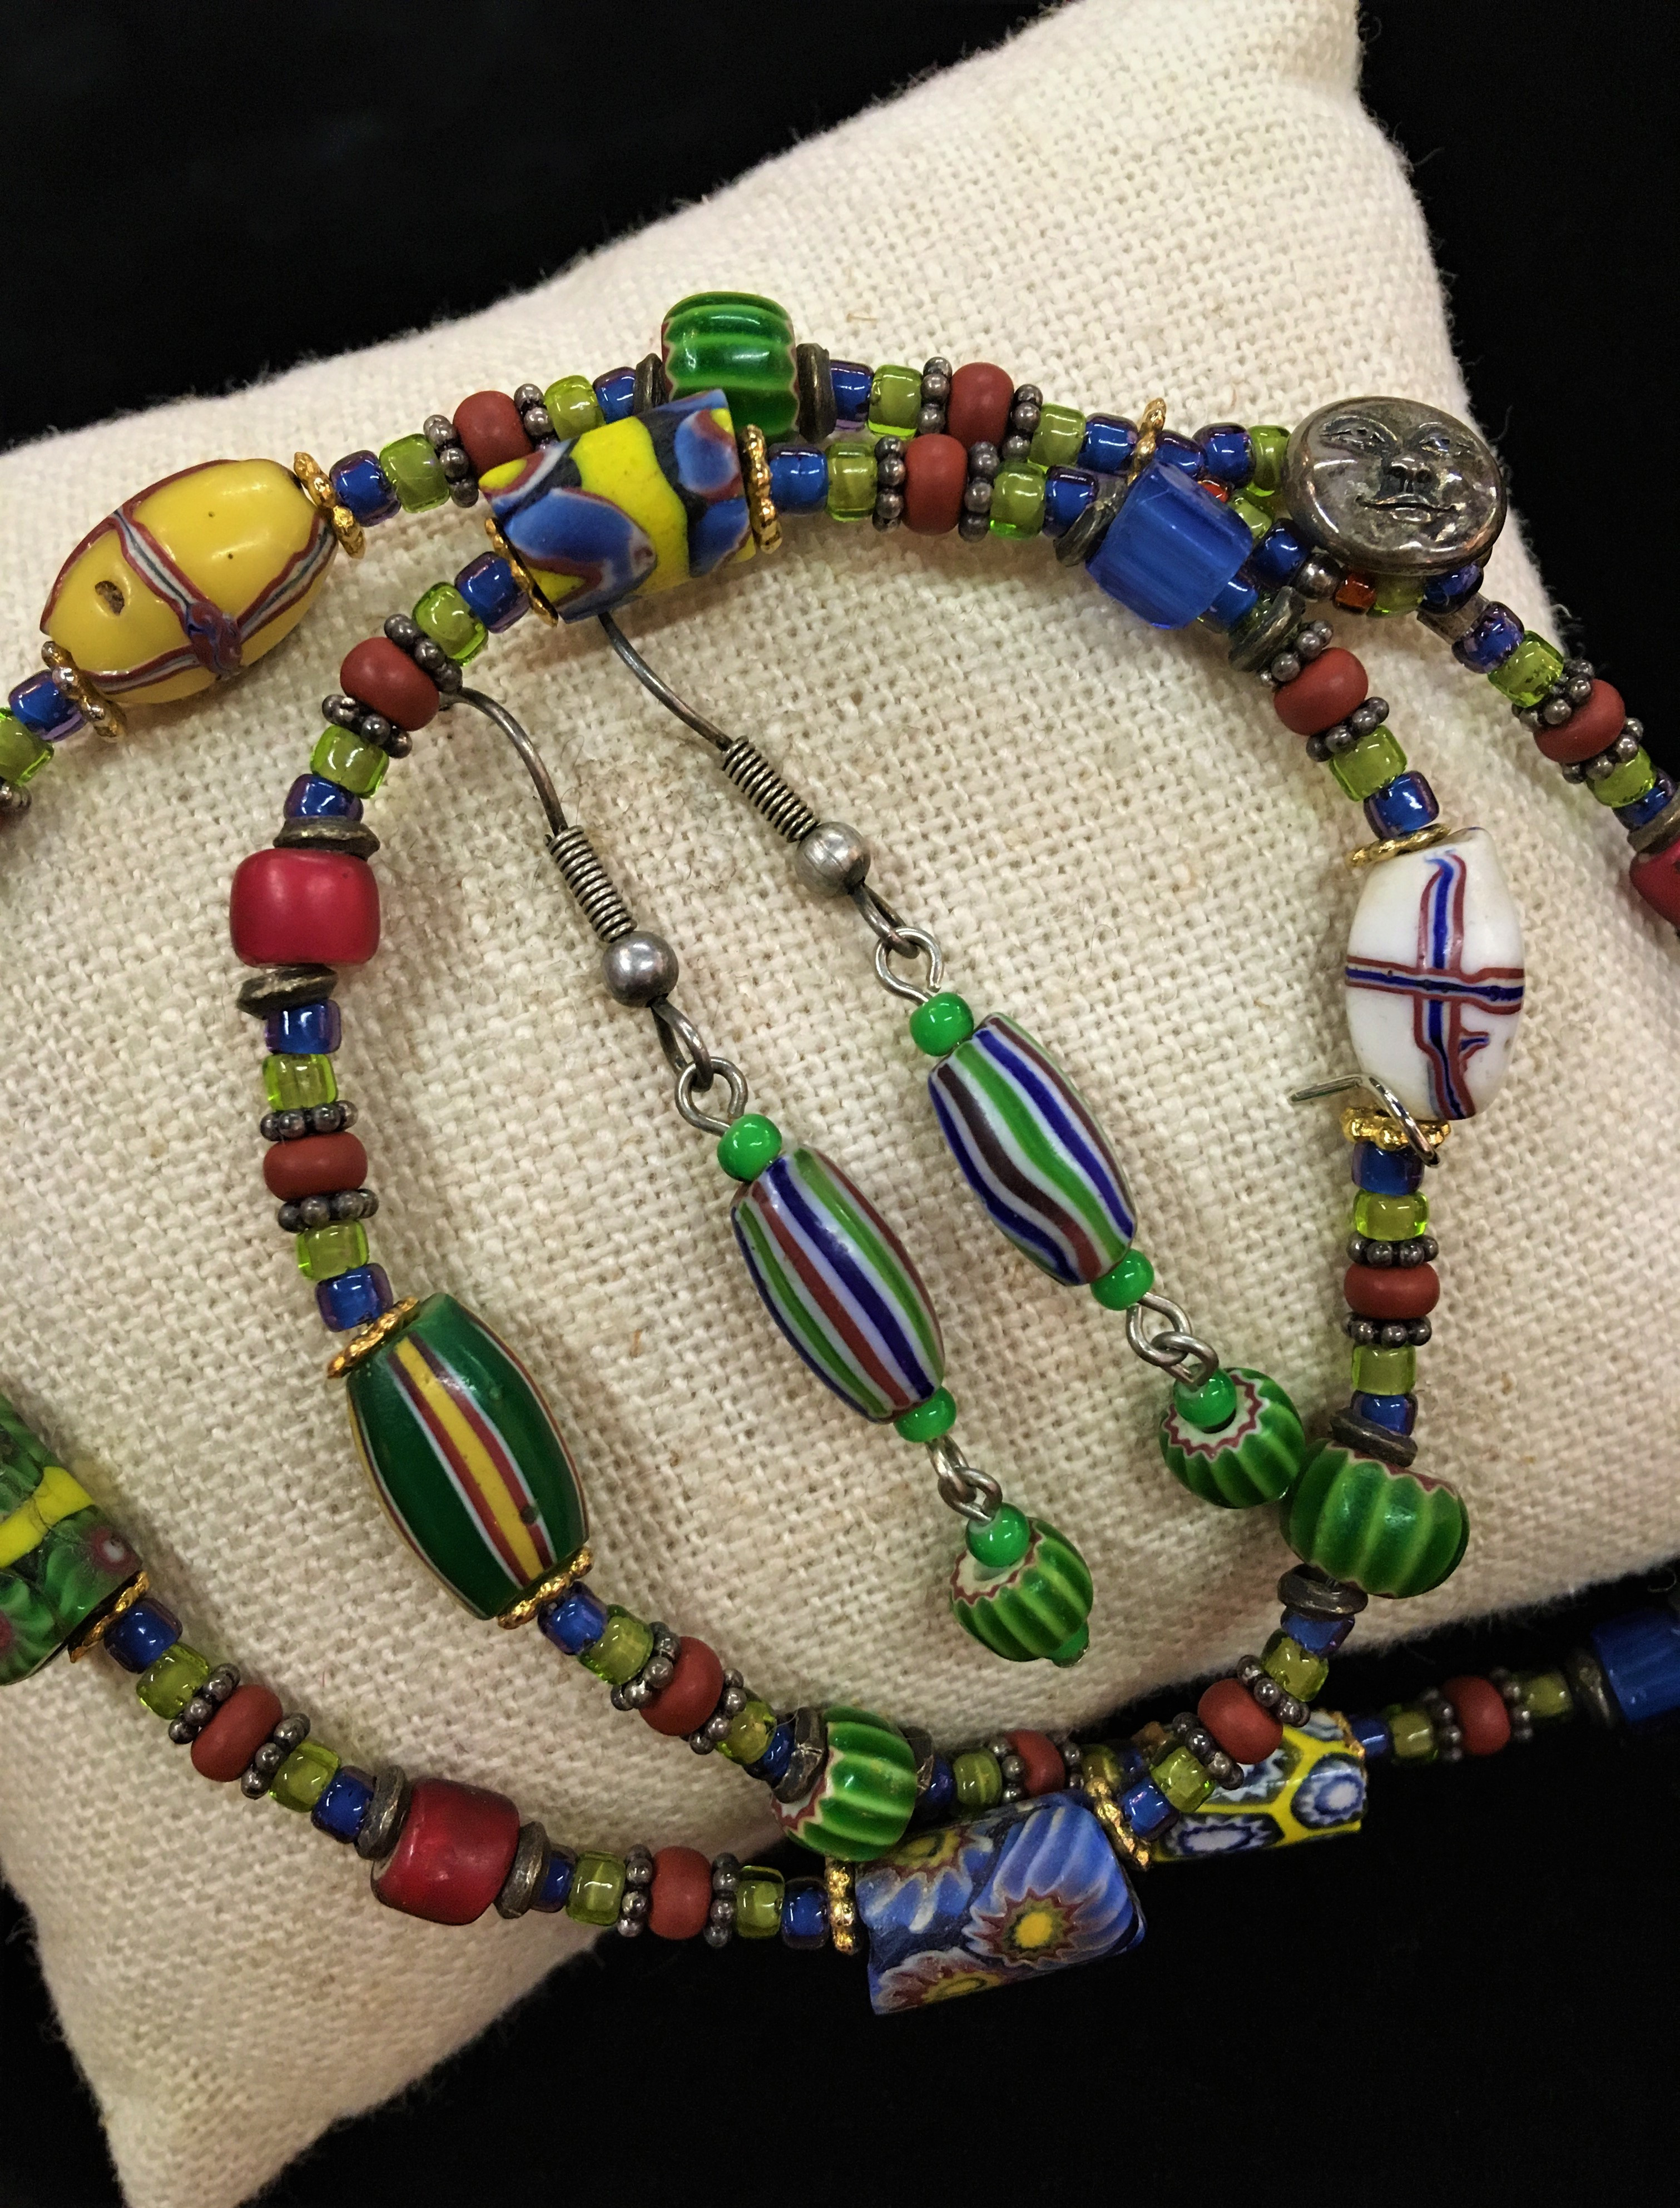 Antique Trade Bead Jewelry Set